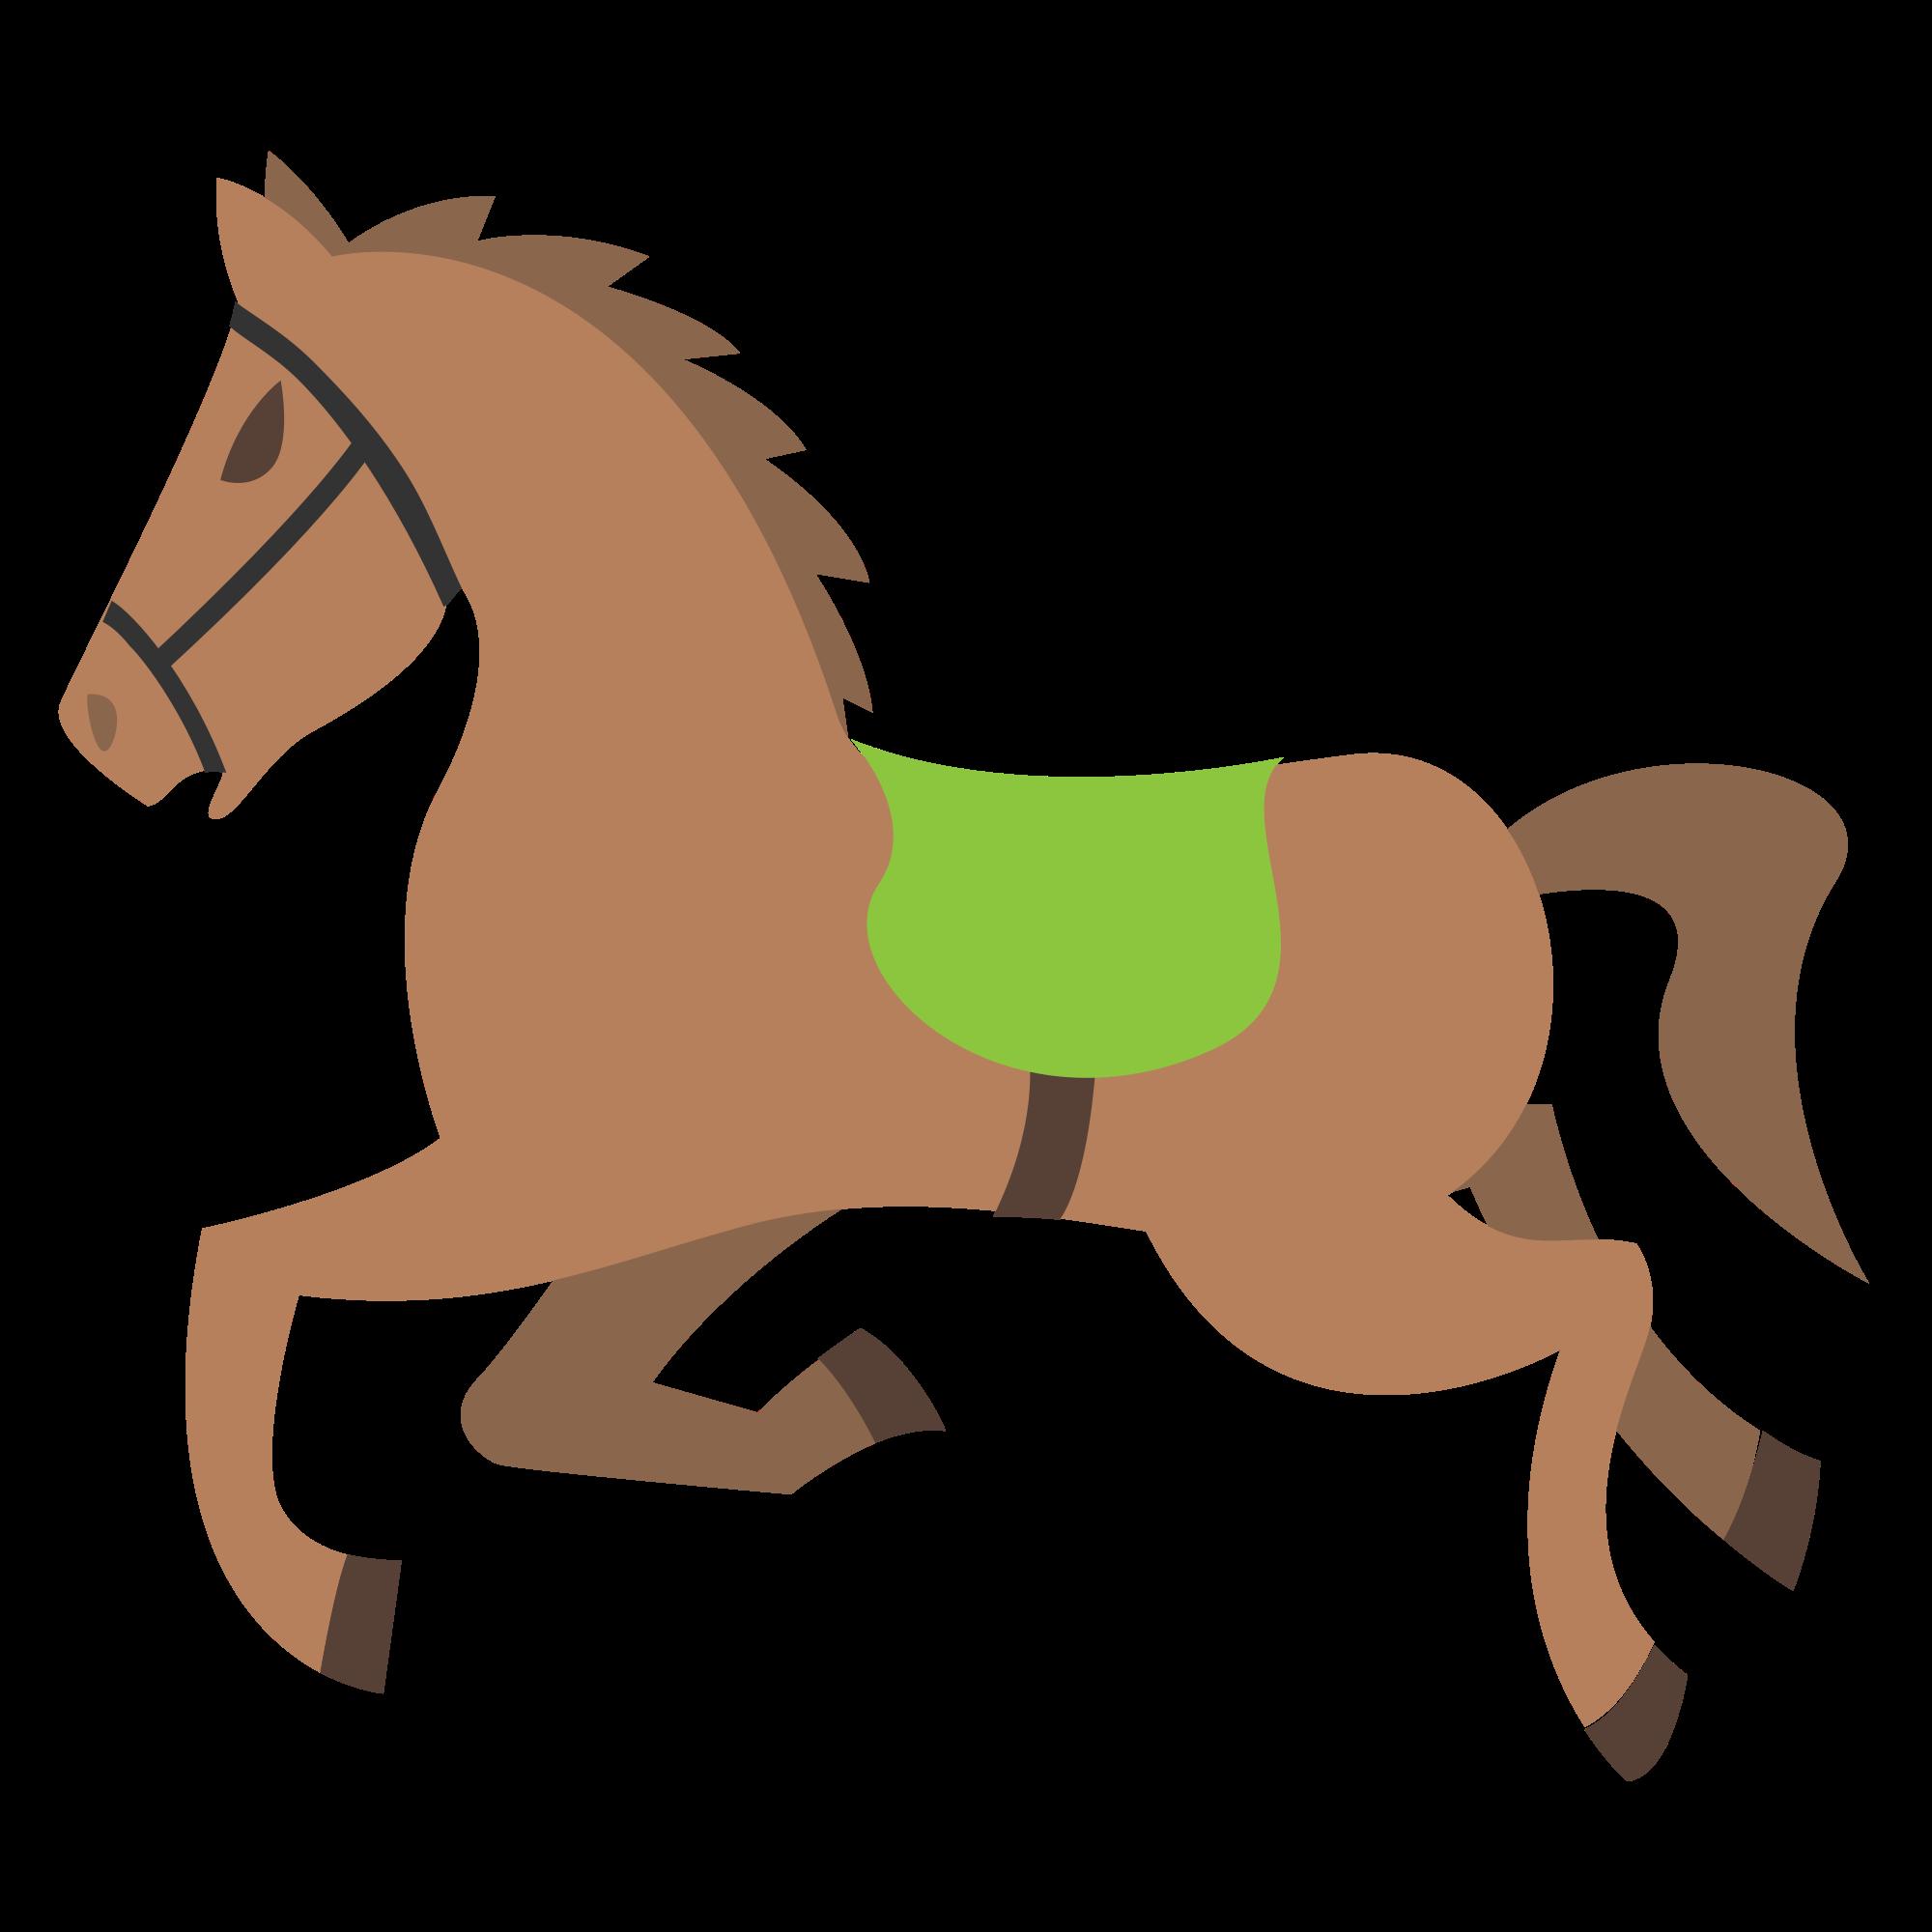 Emoji clipart horse. File emojione f e